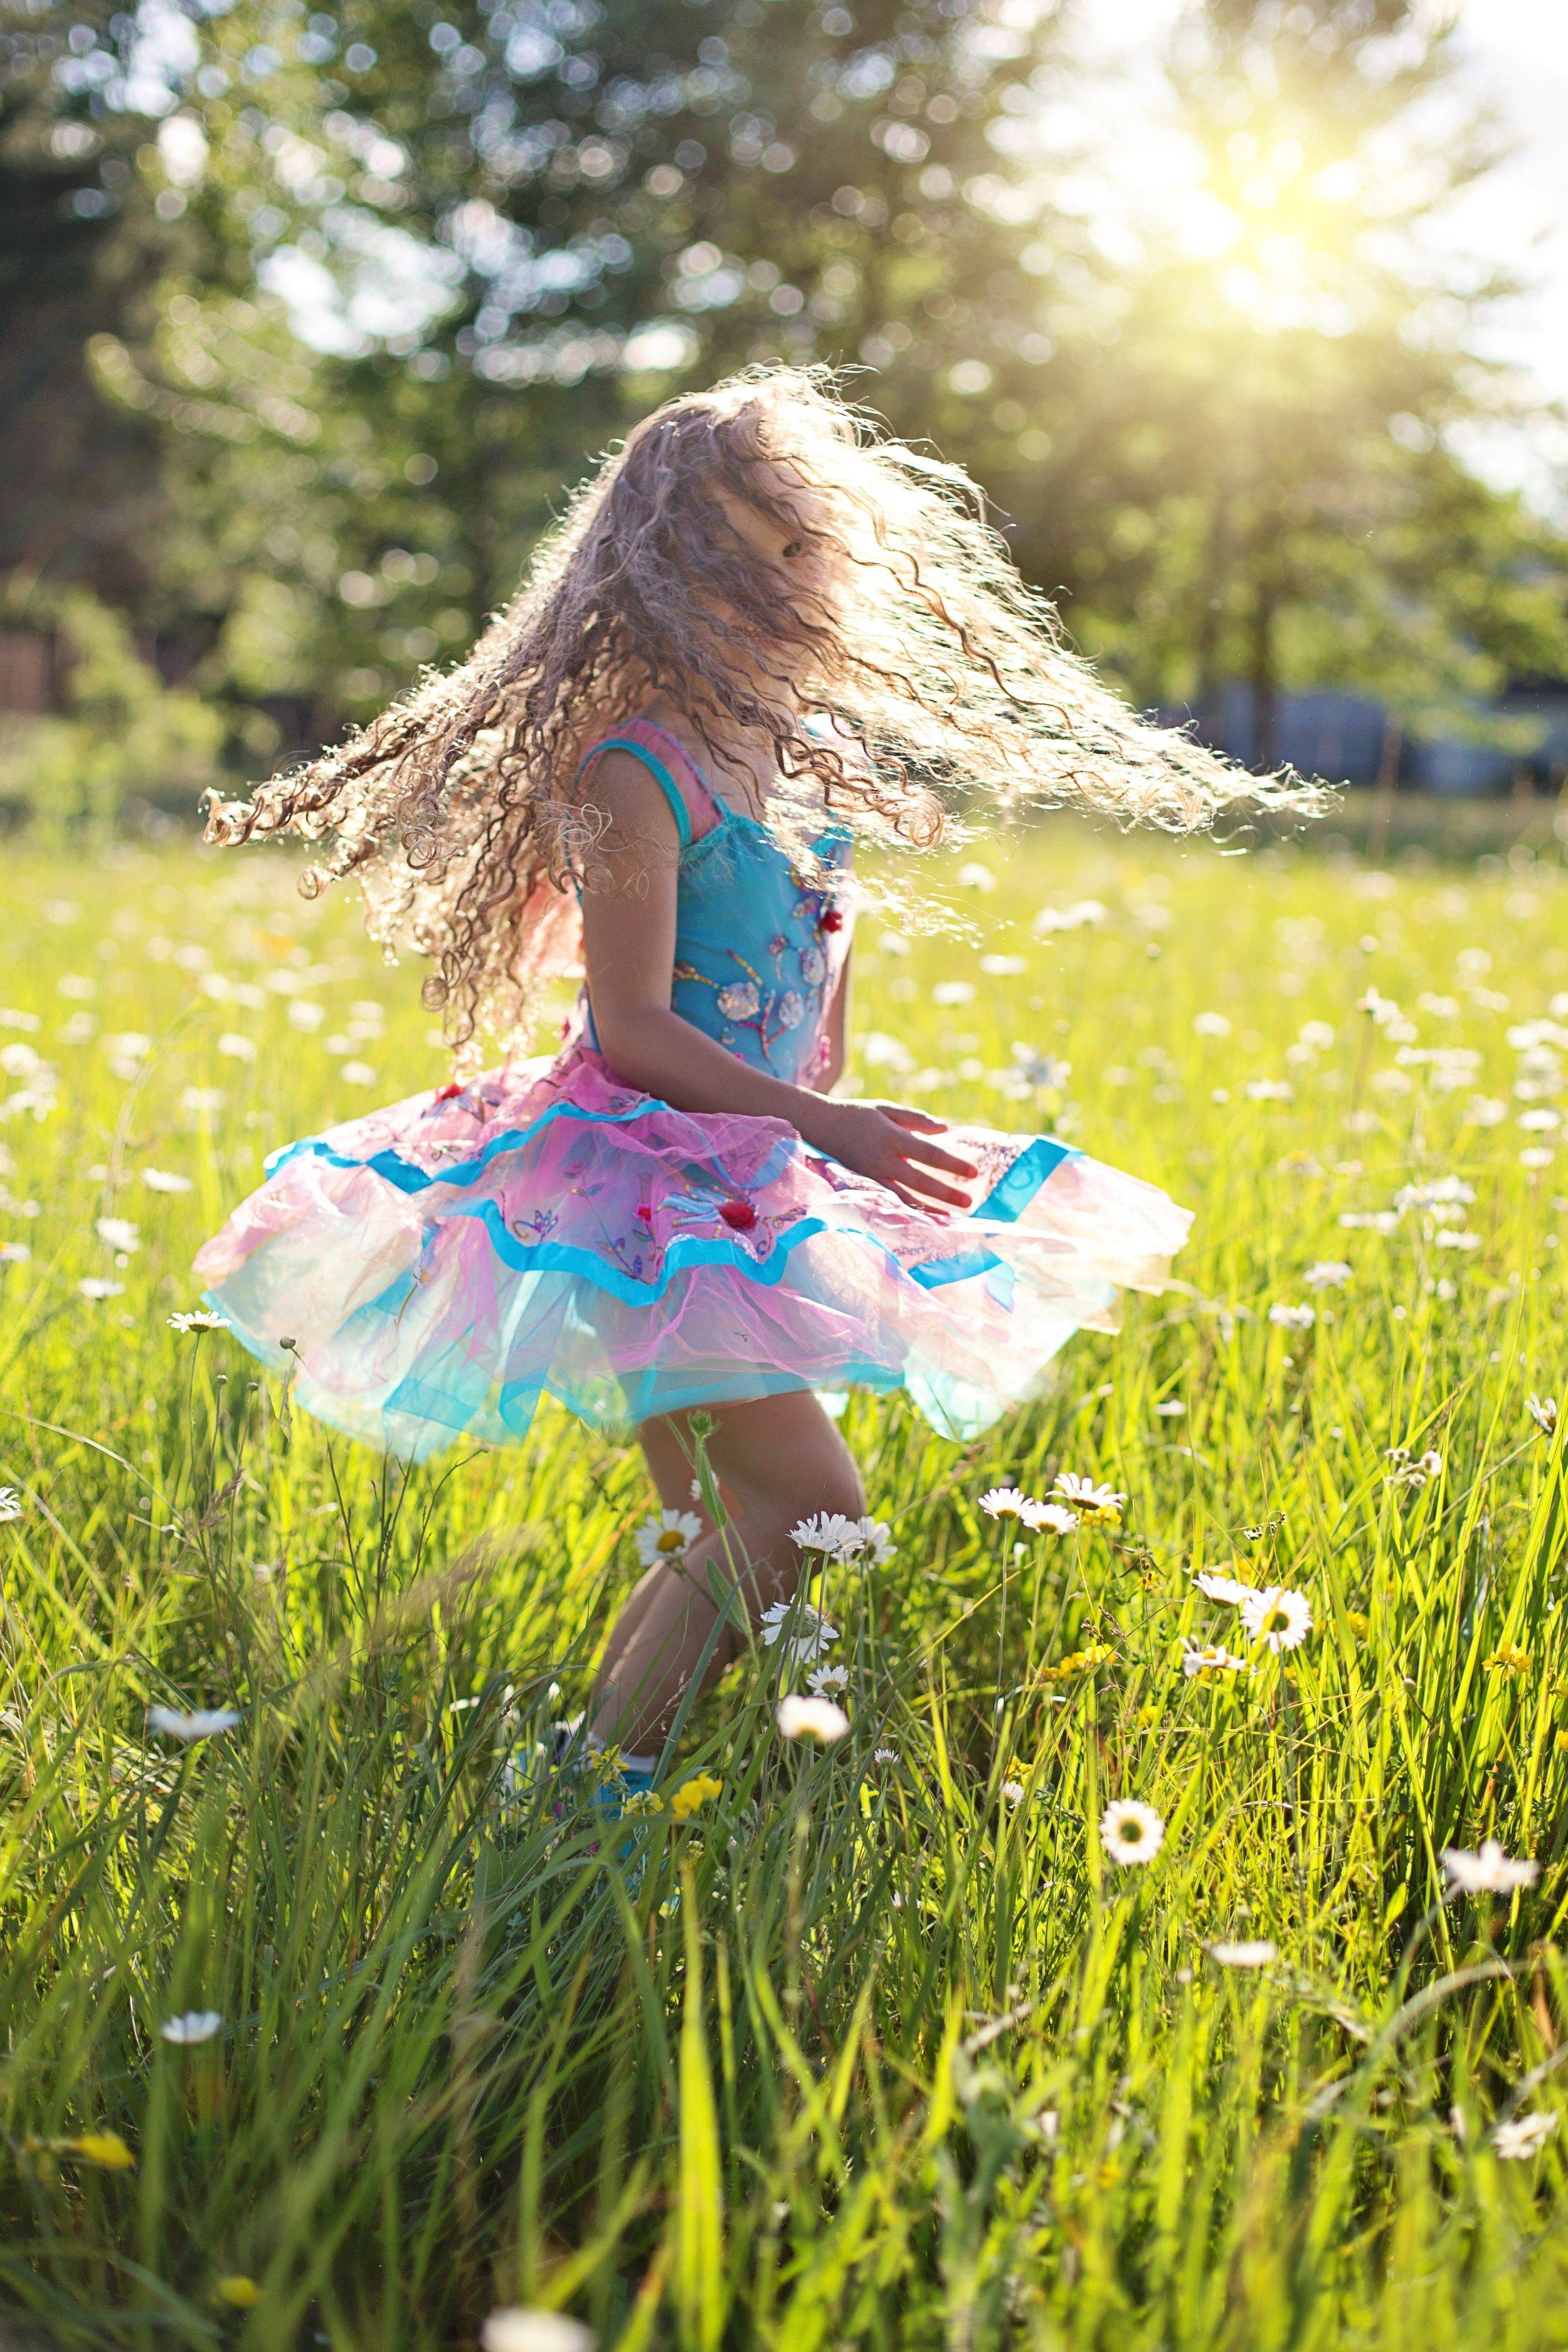 DANCE LIKE NOONE IS WATCHING (source pexels)